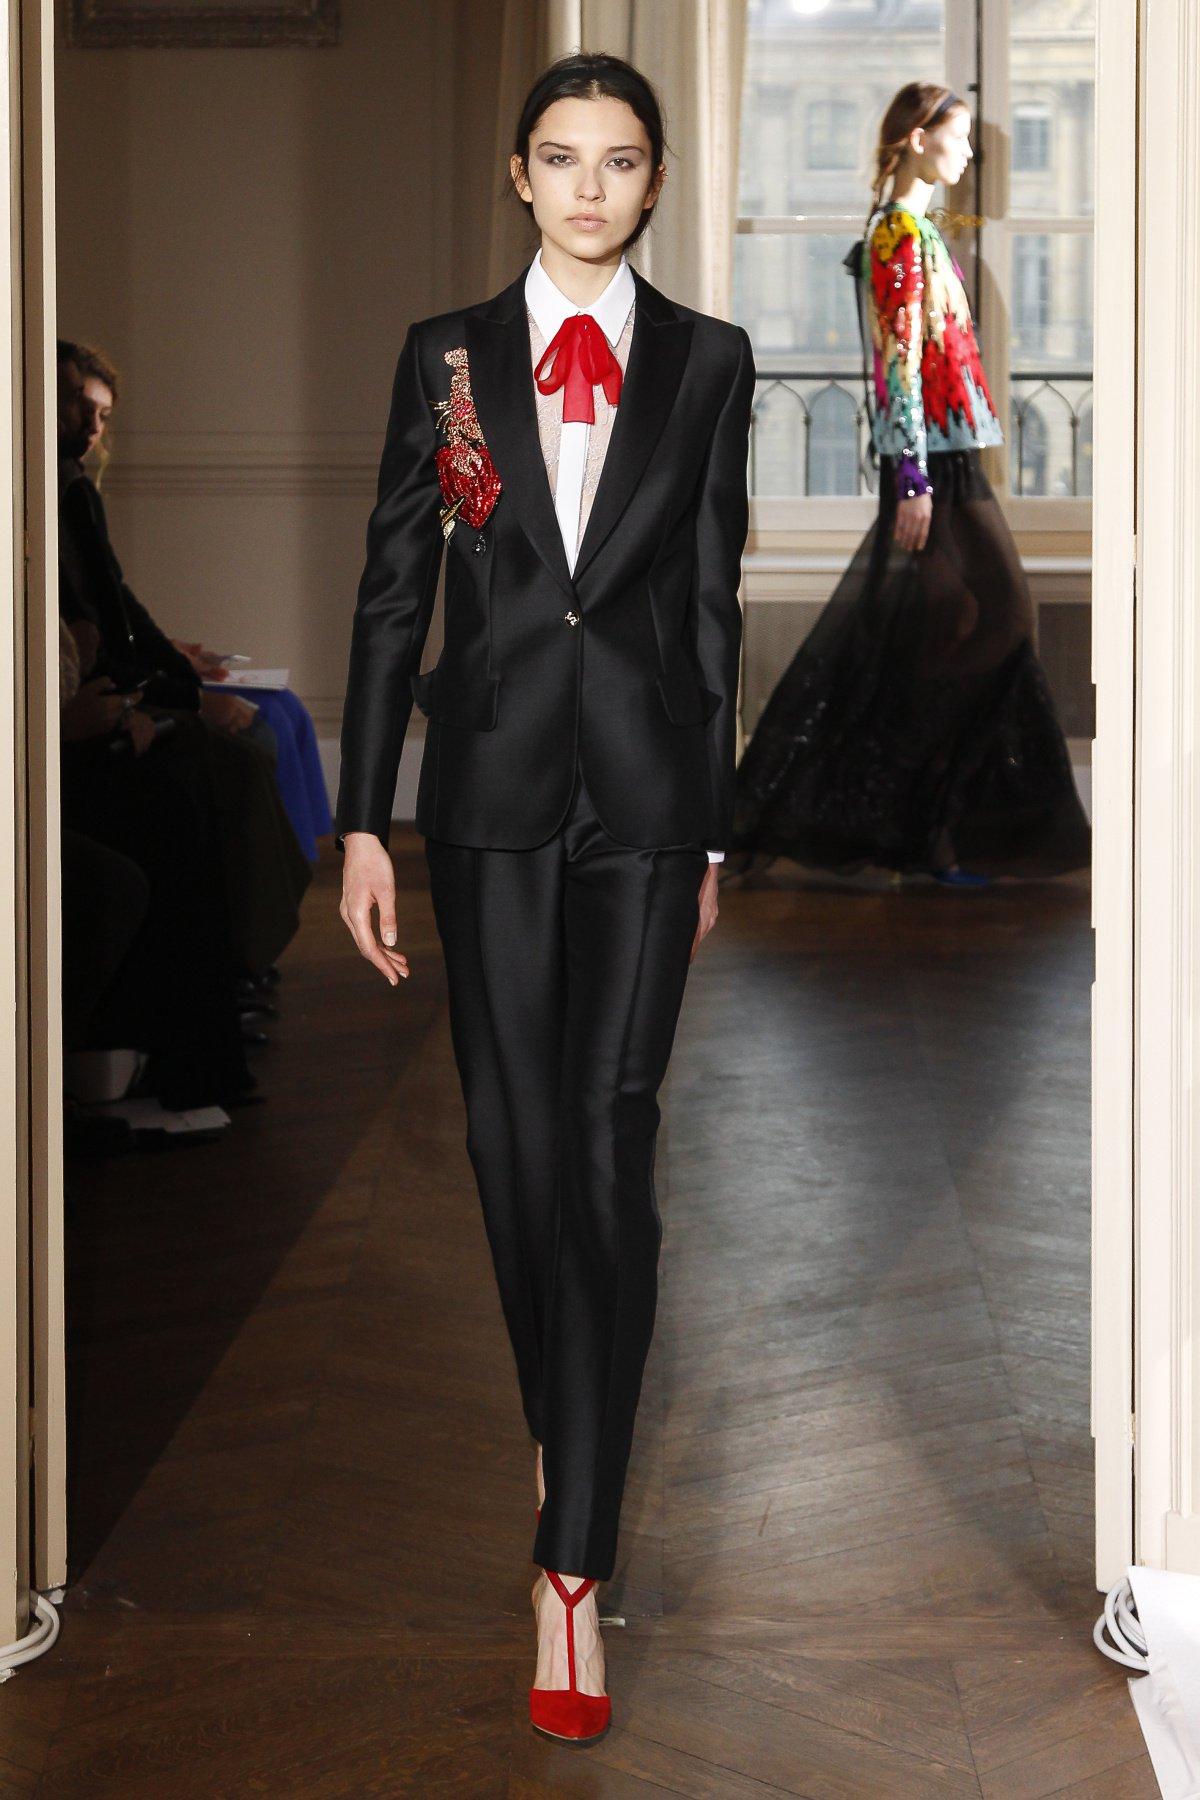 Schiaparelli Spring 2017, via  The Business Of Fashion